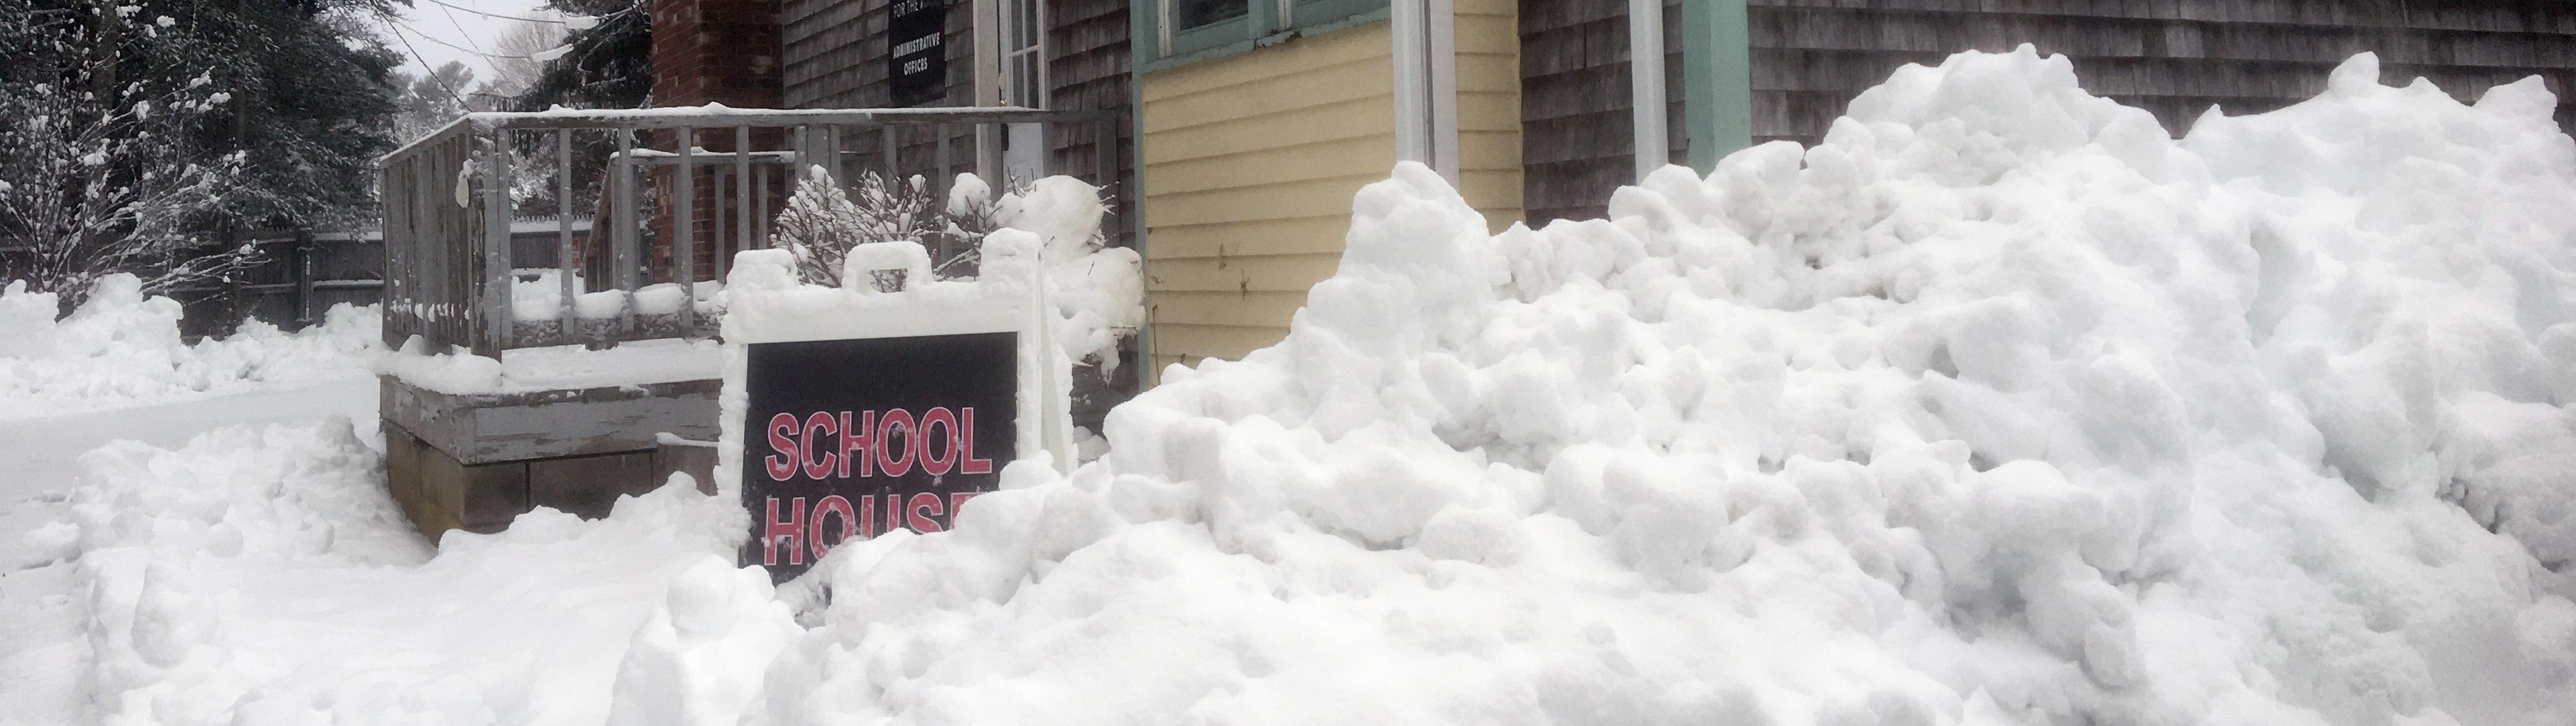 Admin heavy snow narrower